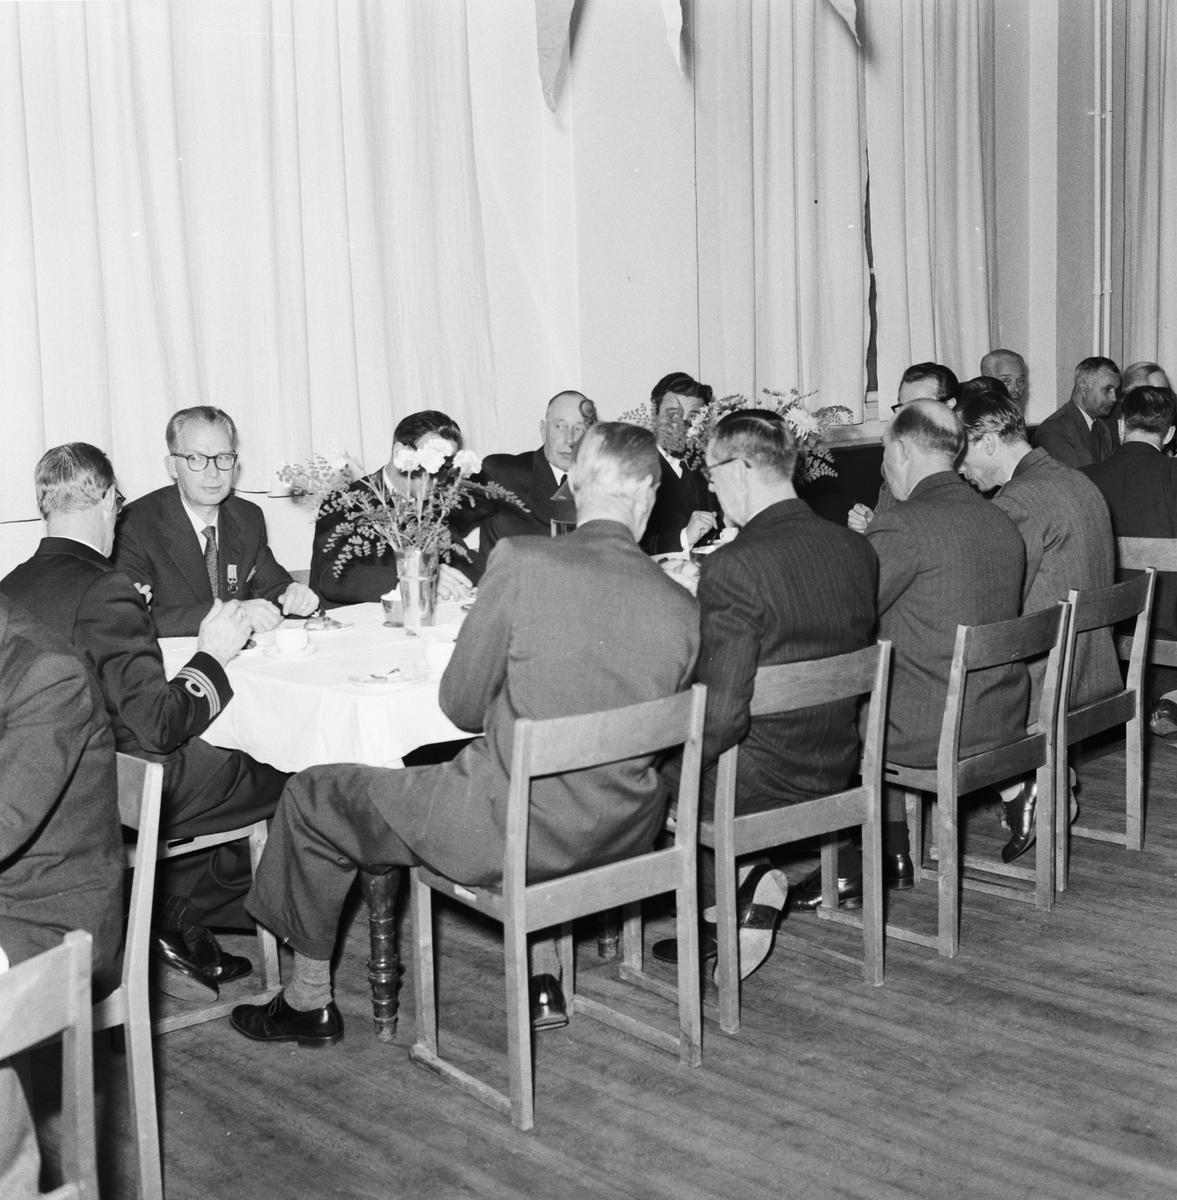 Övrigt: Foto datum: 9/10 1957 Byggnader och kranar Museet medaljutdelning